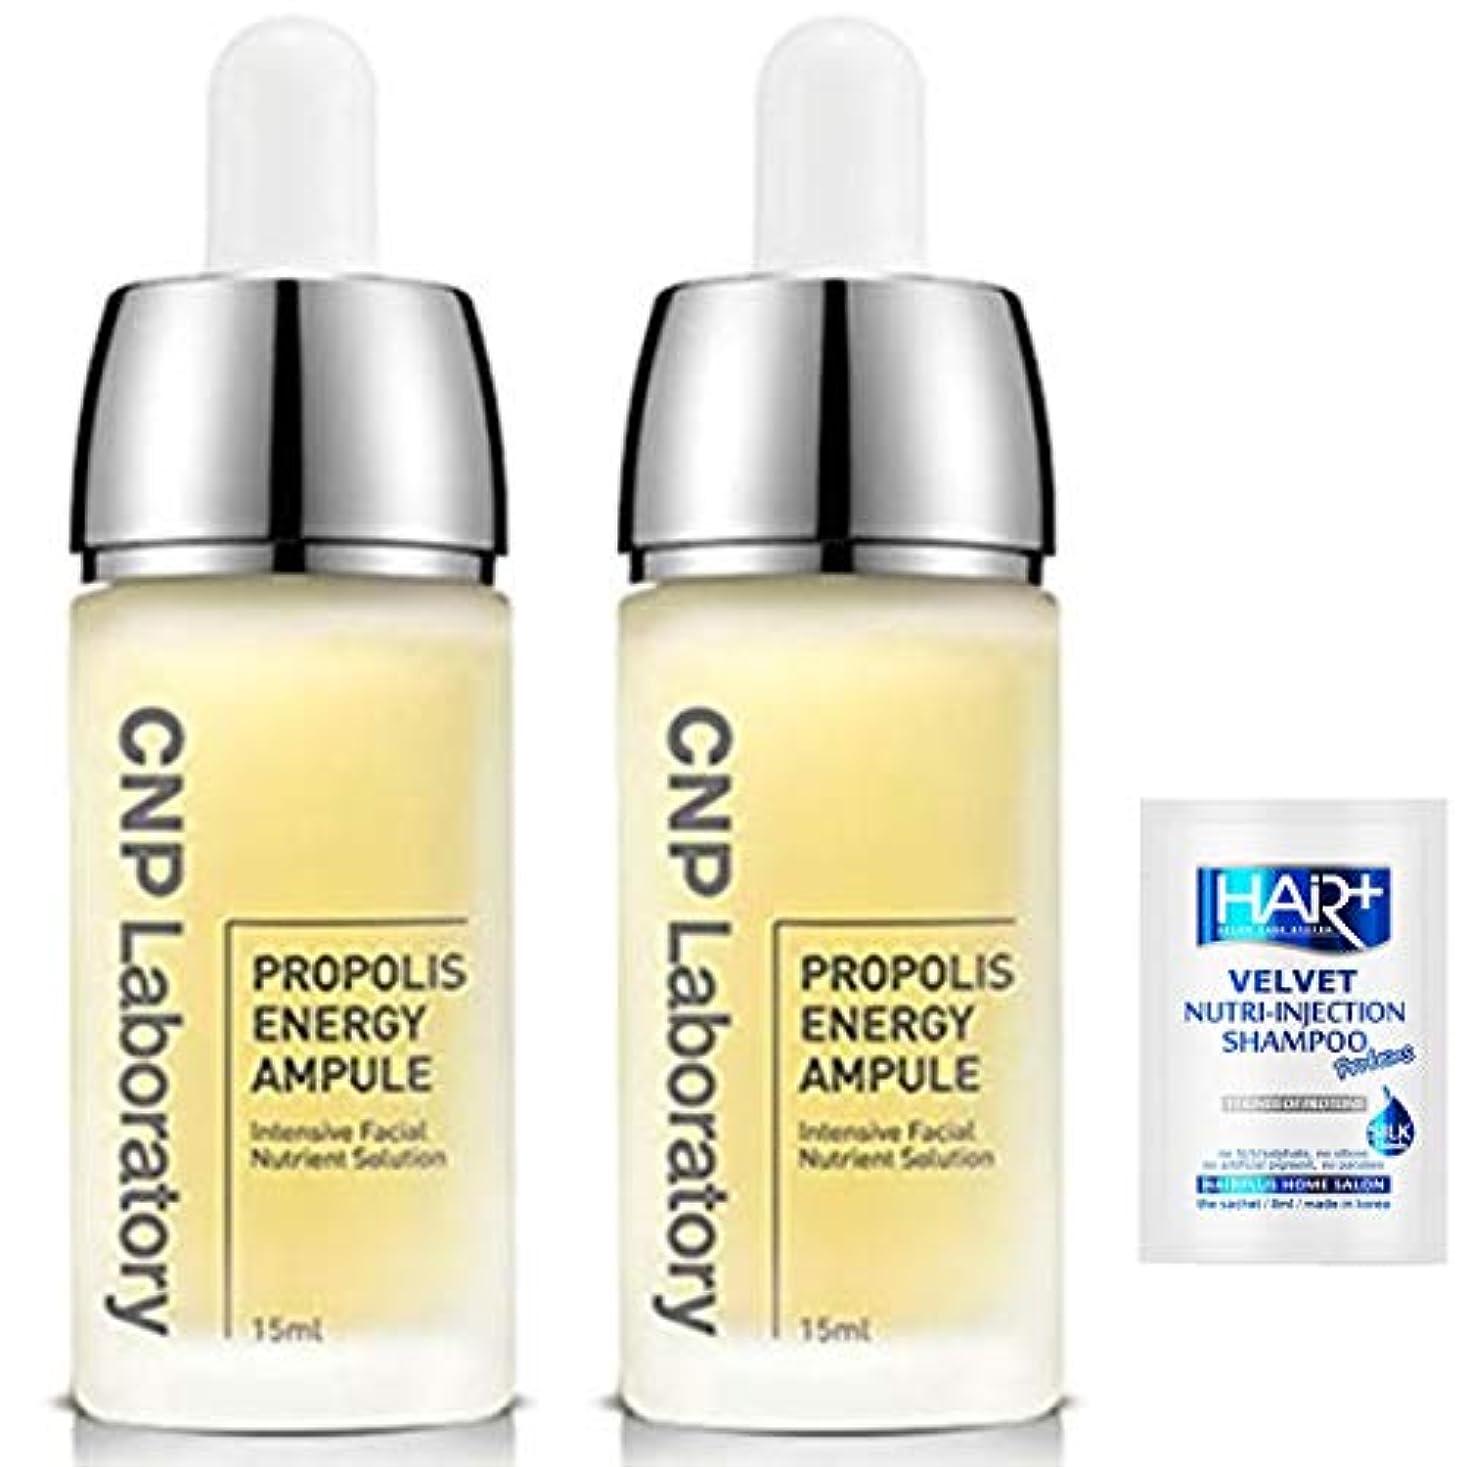 醸造所家事をするゴールデン【CNP Laboratory】プロポリス エネルギーアンプル 15ml X 2EA+HairPlus NonSilicon Shampoo 8ml